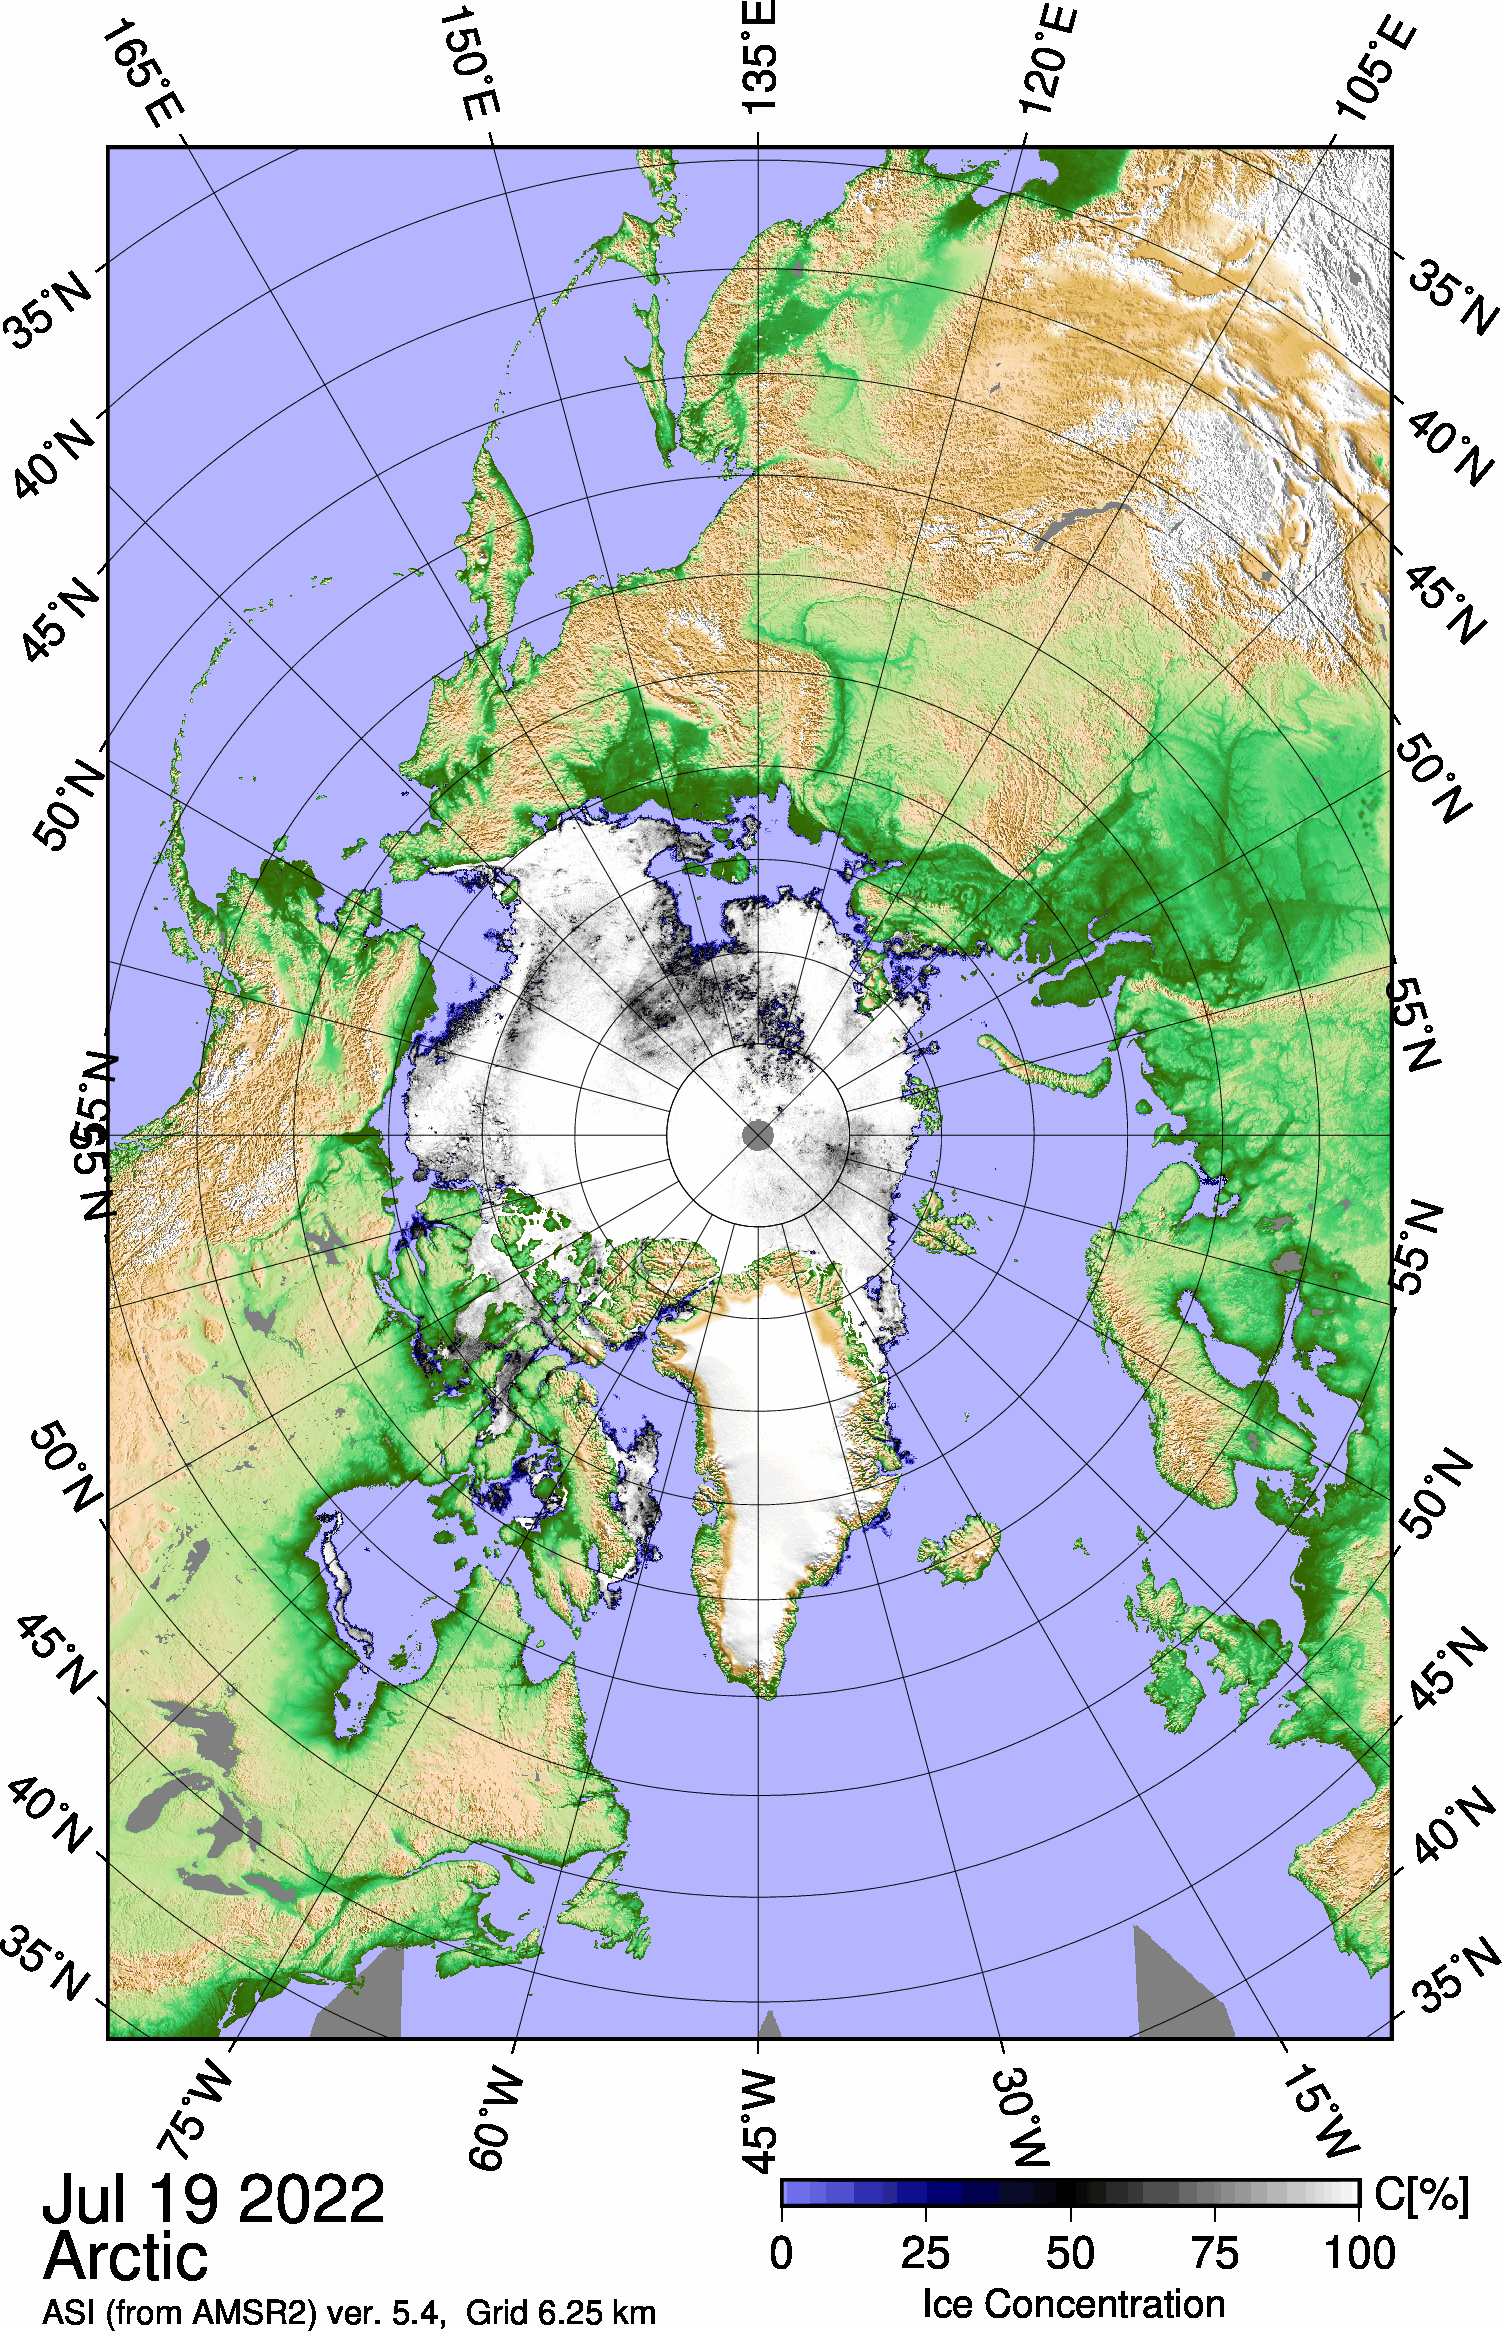 Arctic_AMSR2_visual.png